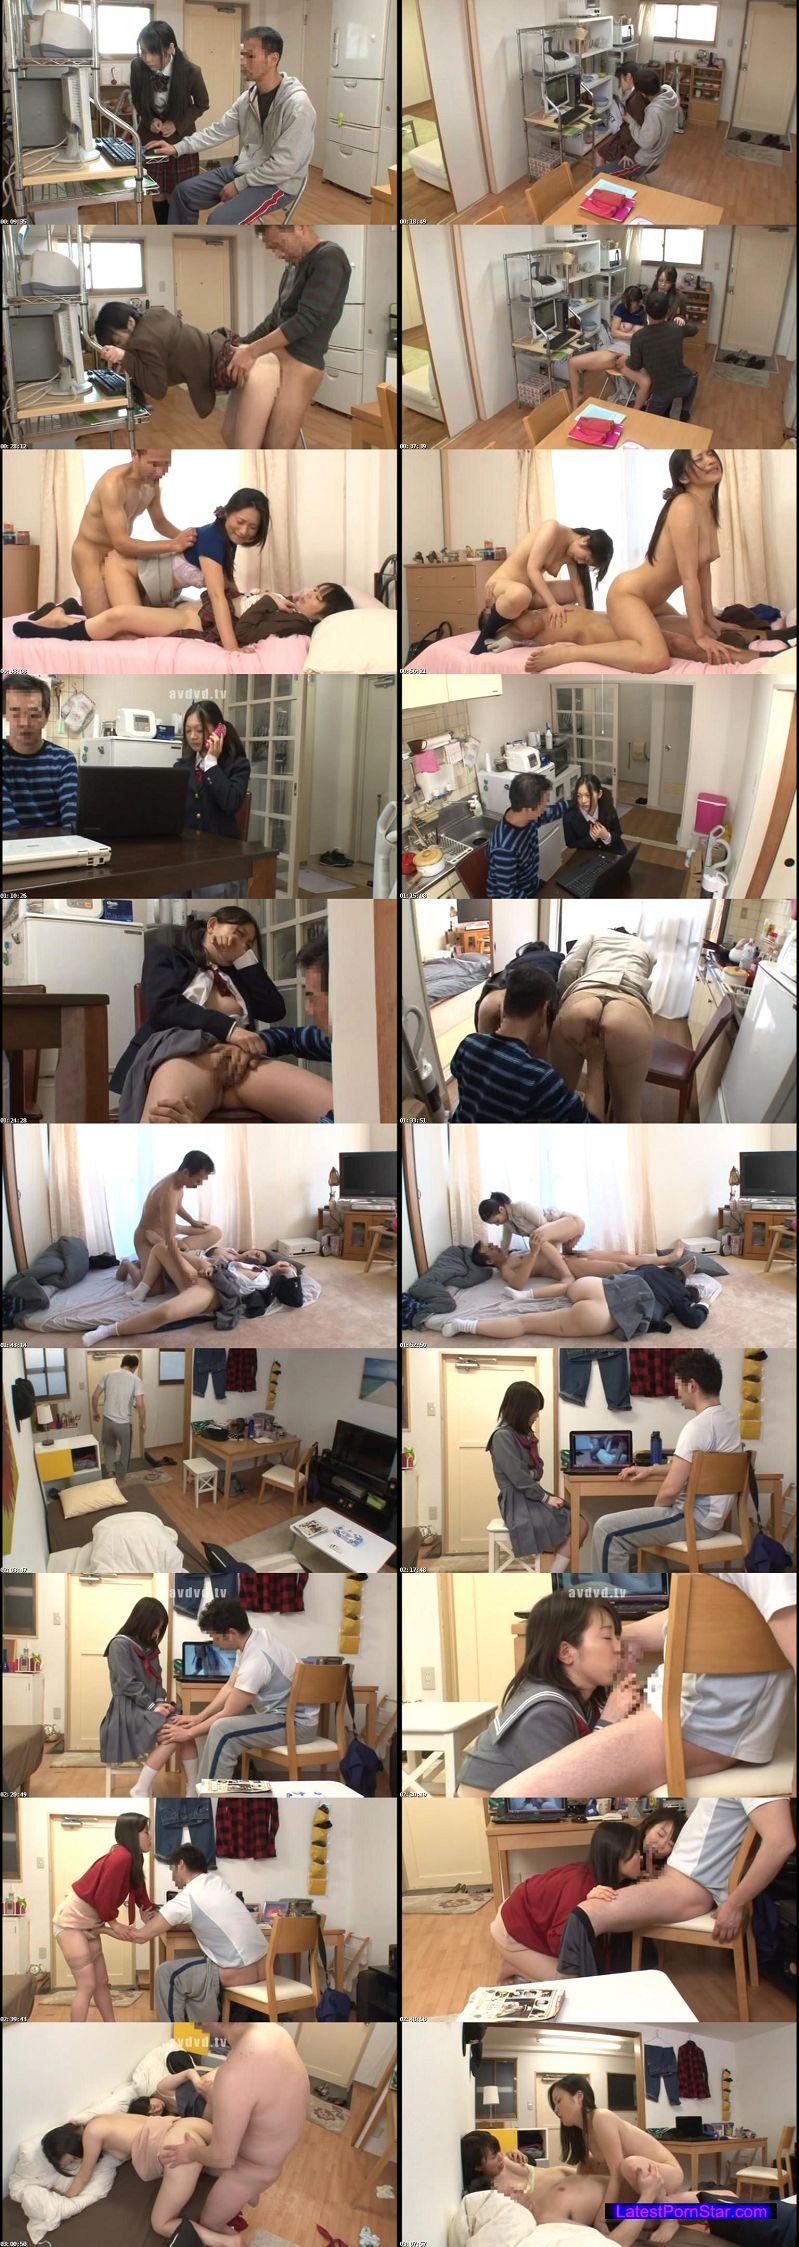 [NHDTA-537] パソコンに入っていた自分の母親のハメ撮り動画で興奮した隣の家の娘と恥ずかしい姿を見られ拒めなくなった母親を並べて親子丼